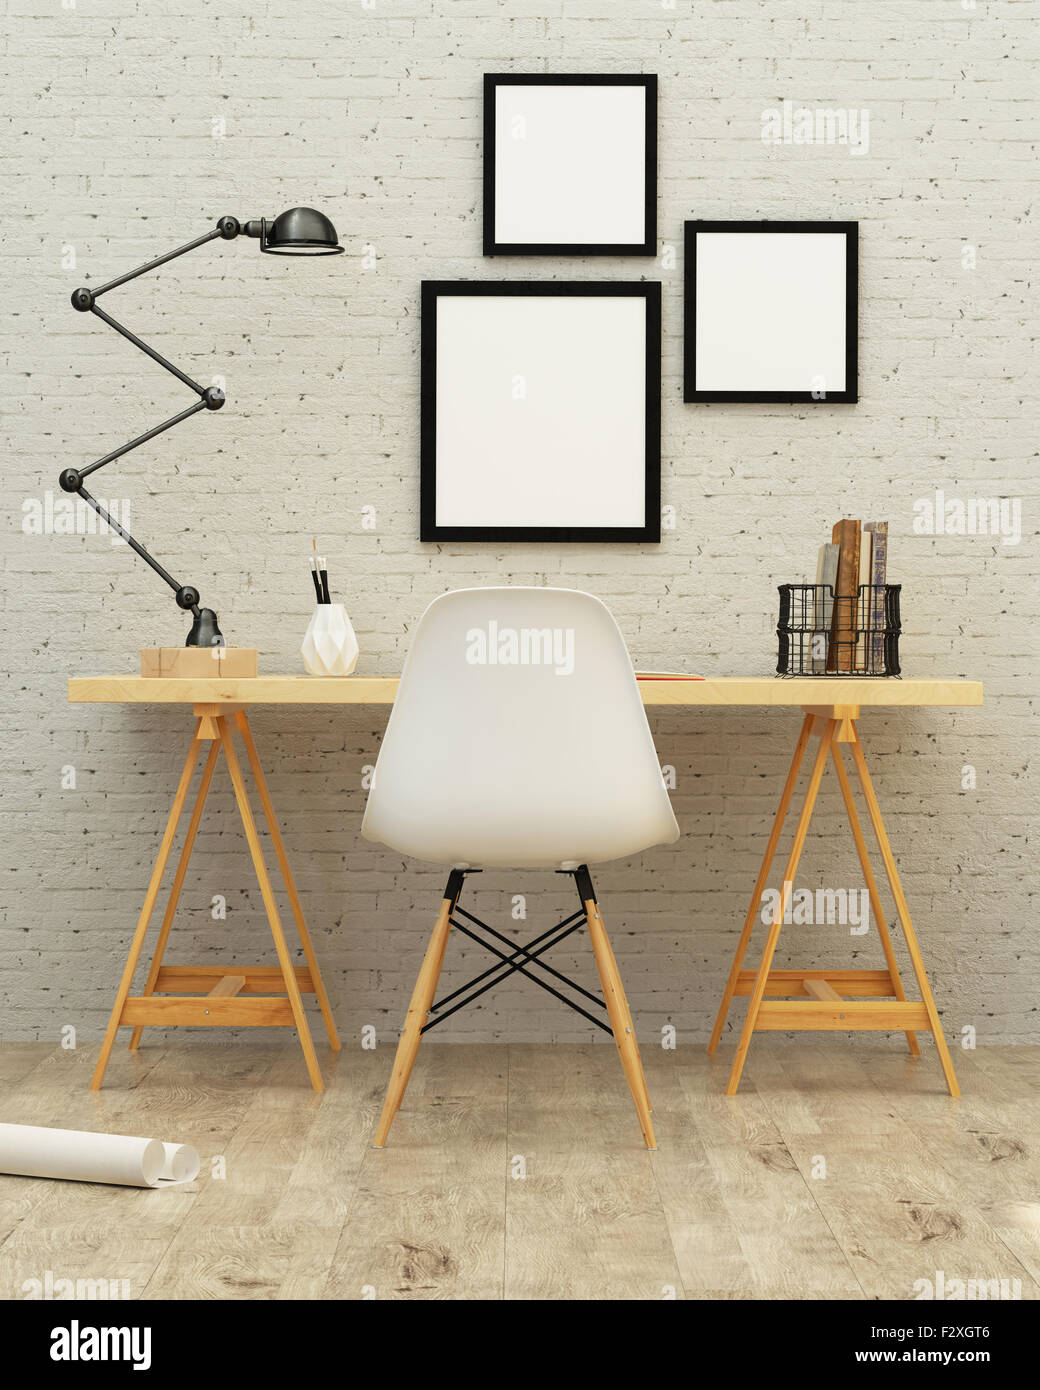 Chambre de travail rendu 3D Design d'intérieur Photo Stock